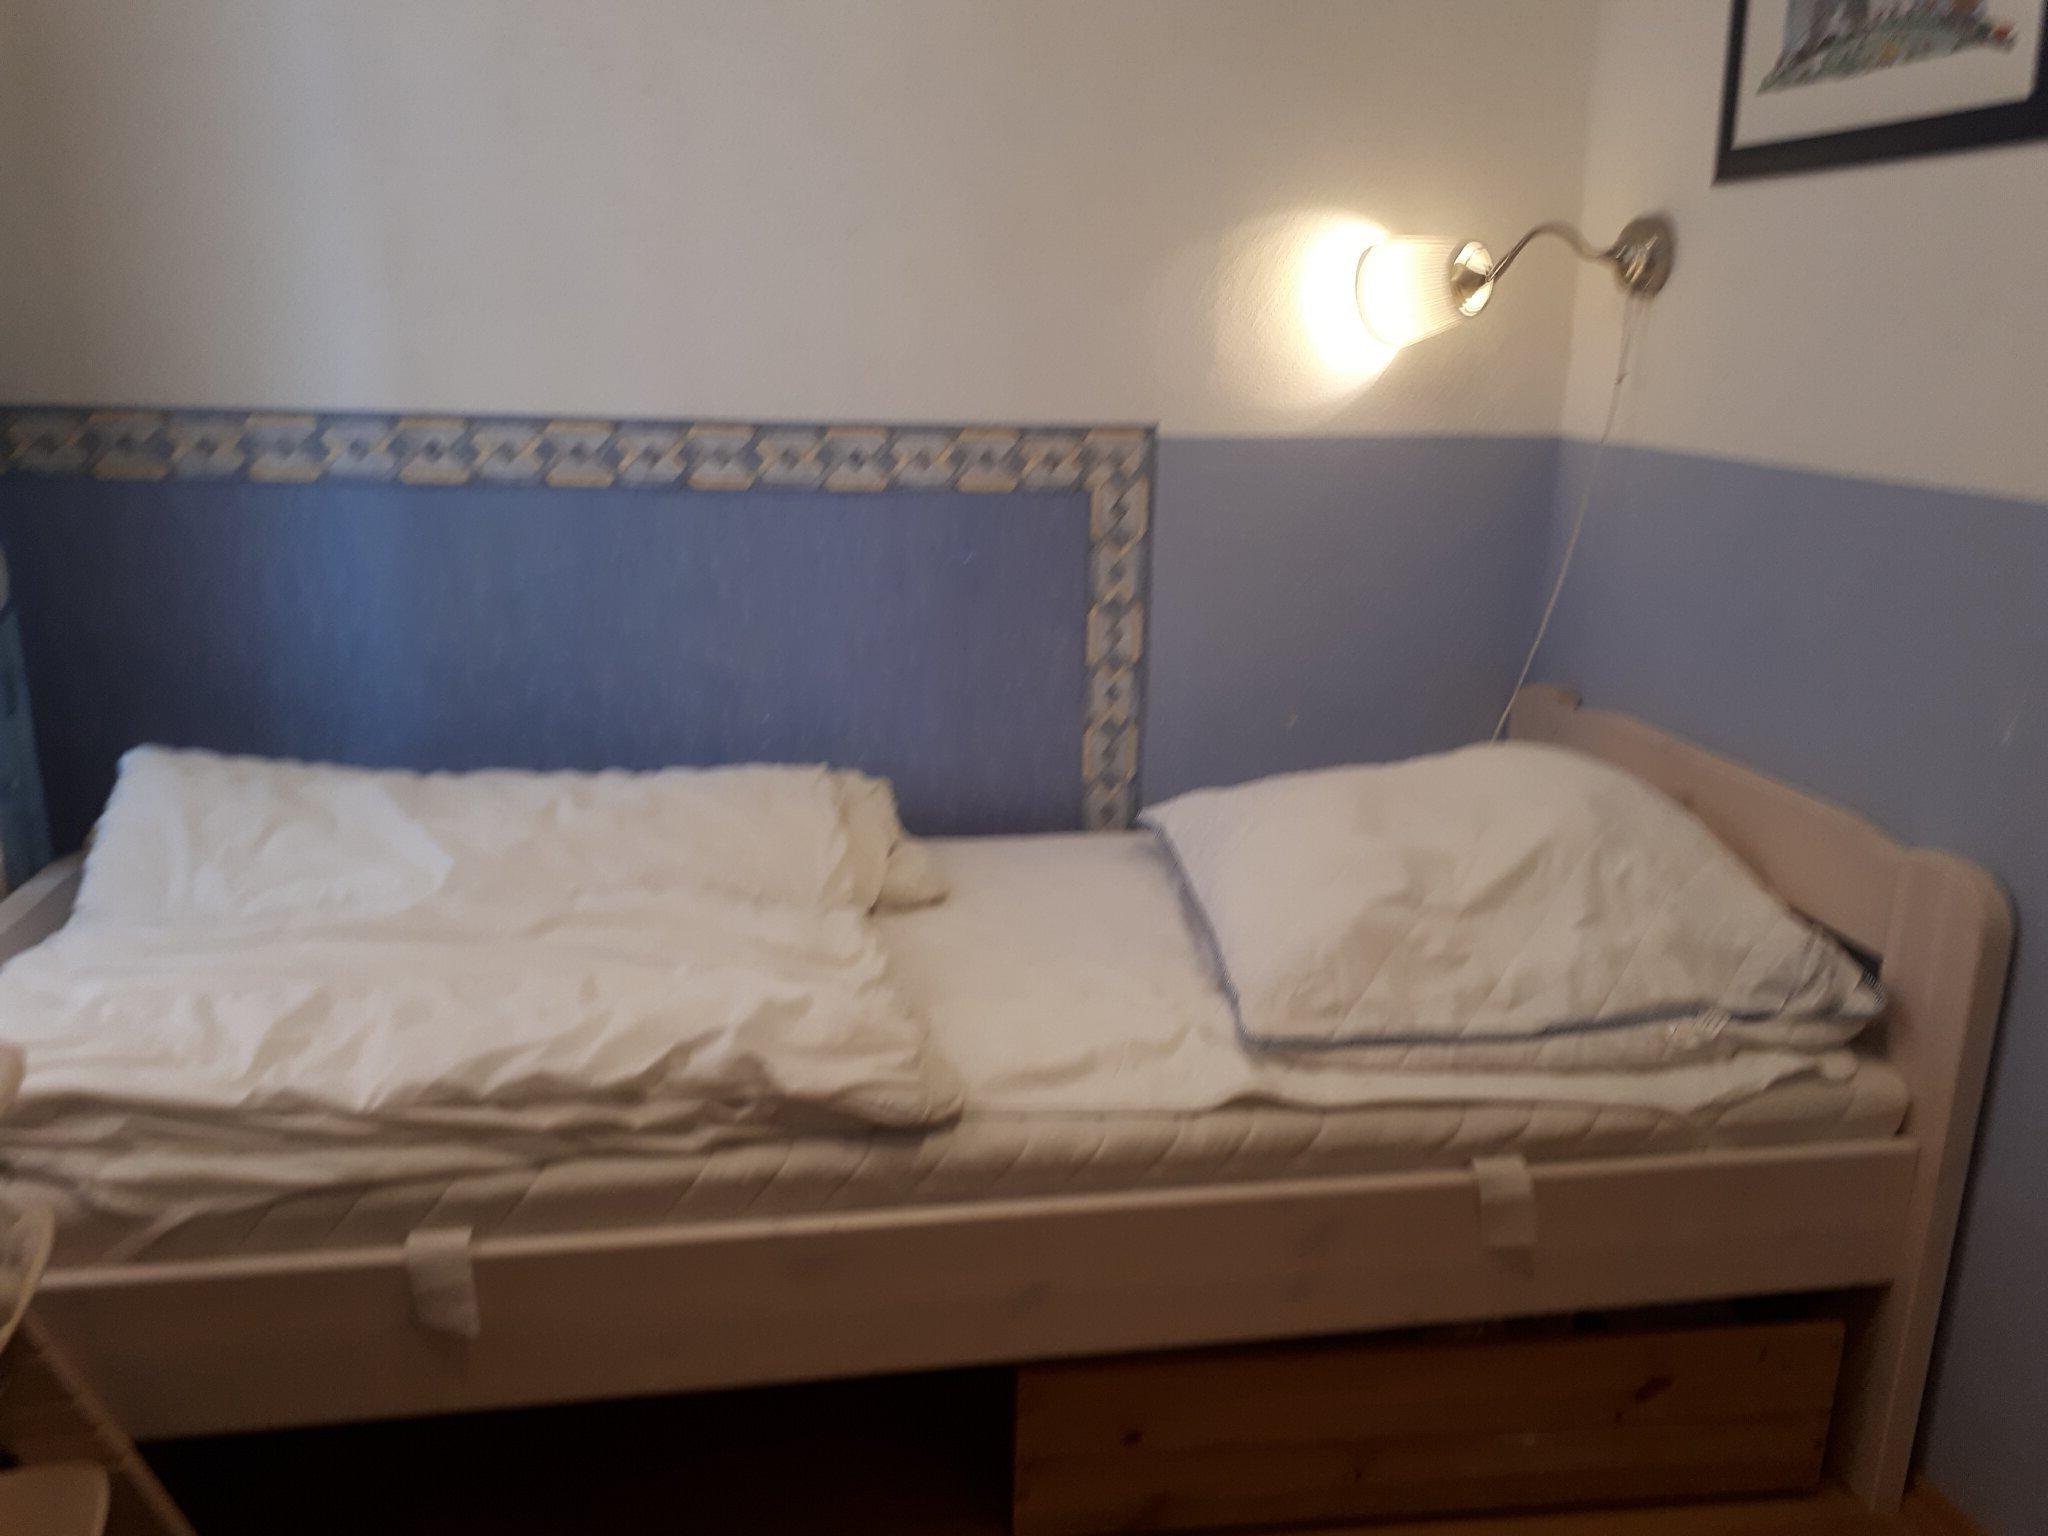 2. Schlafzimmer, rechte Seite